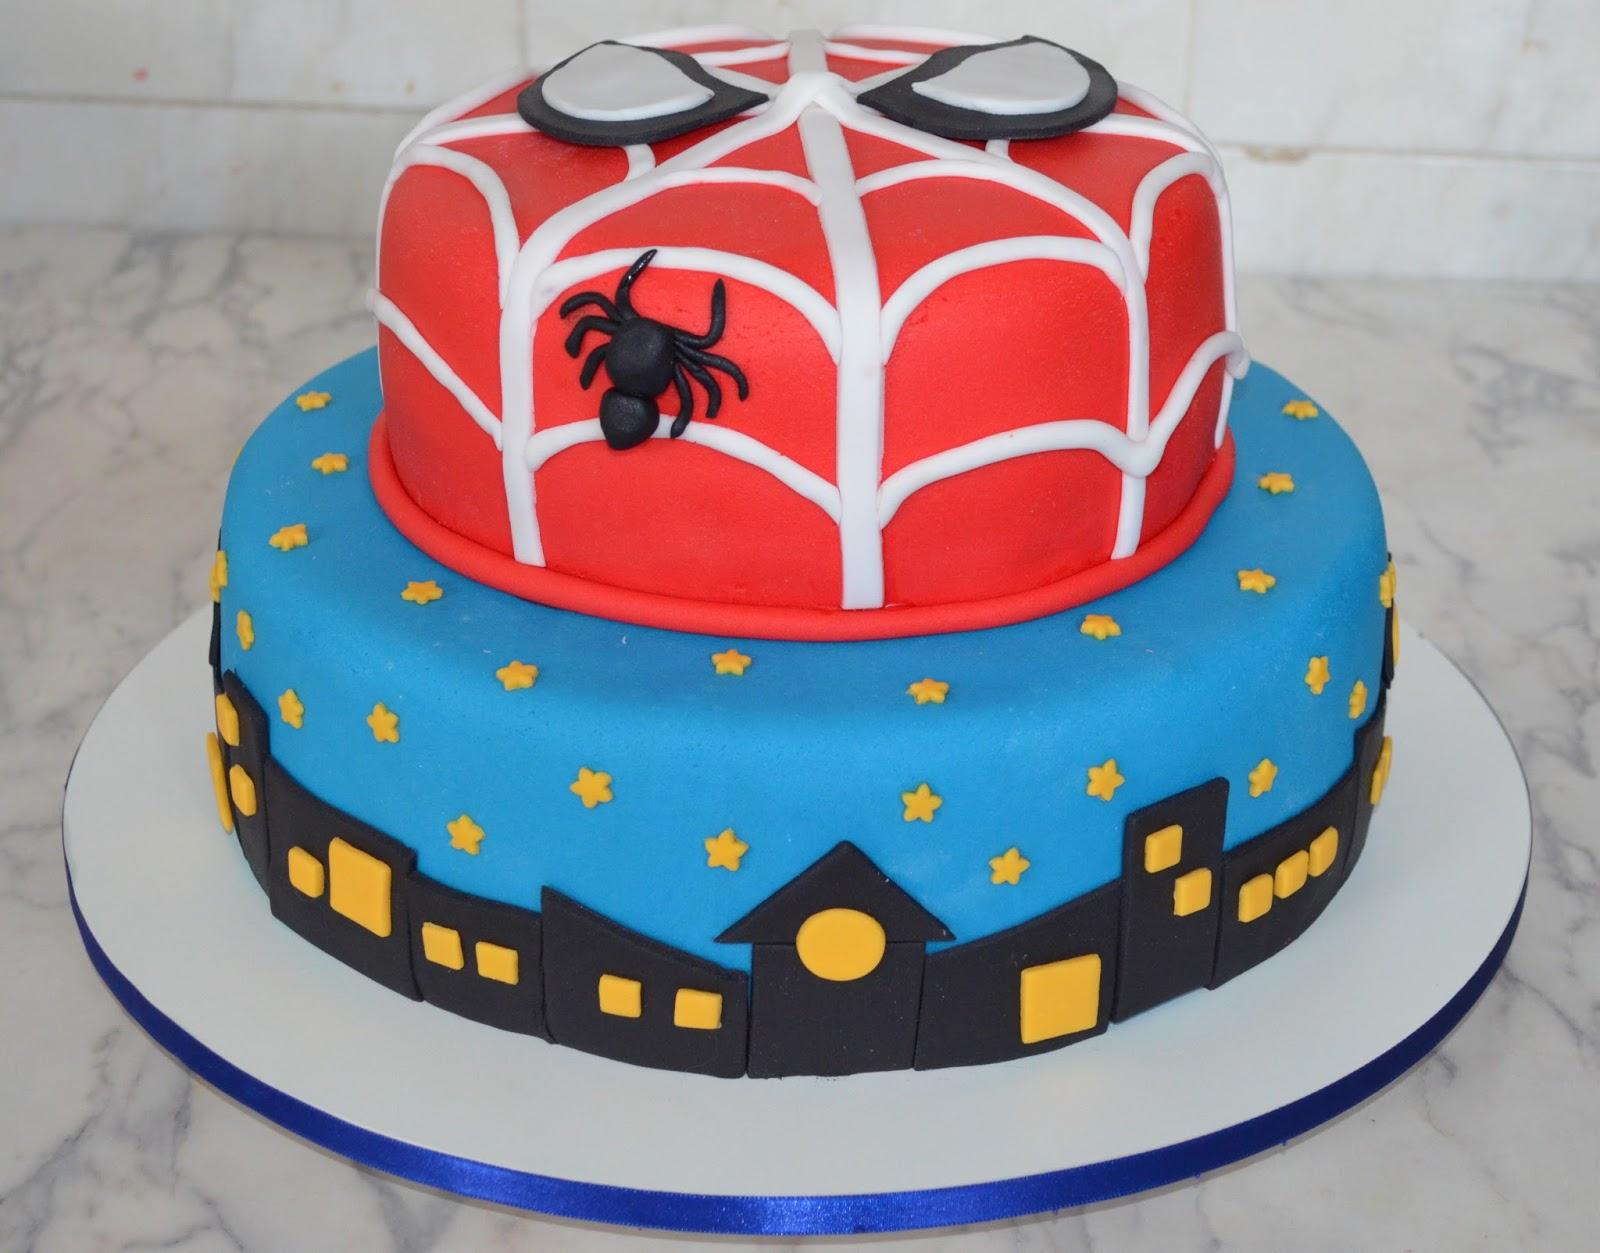 Atelier mary cake bolo homem aranha bolo homem aranha altavistaventures Image collections